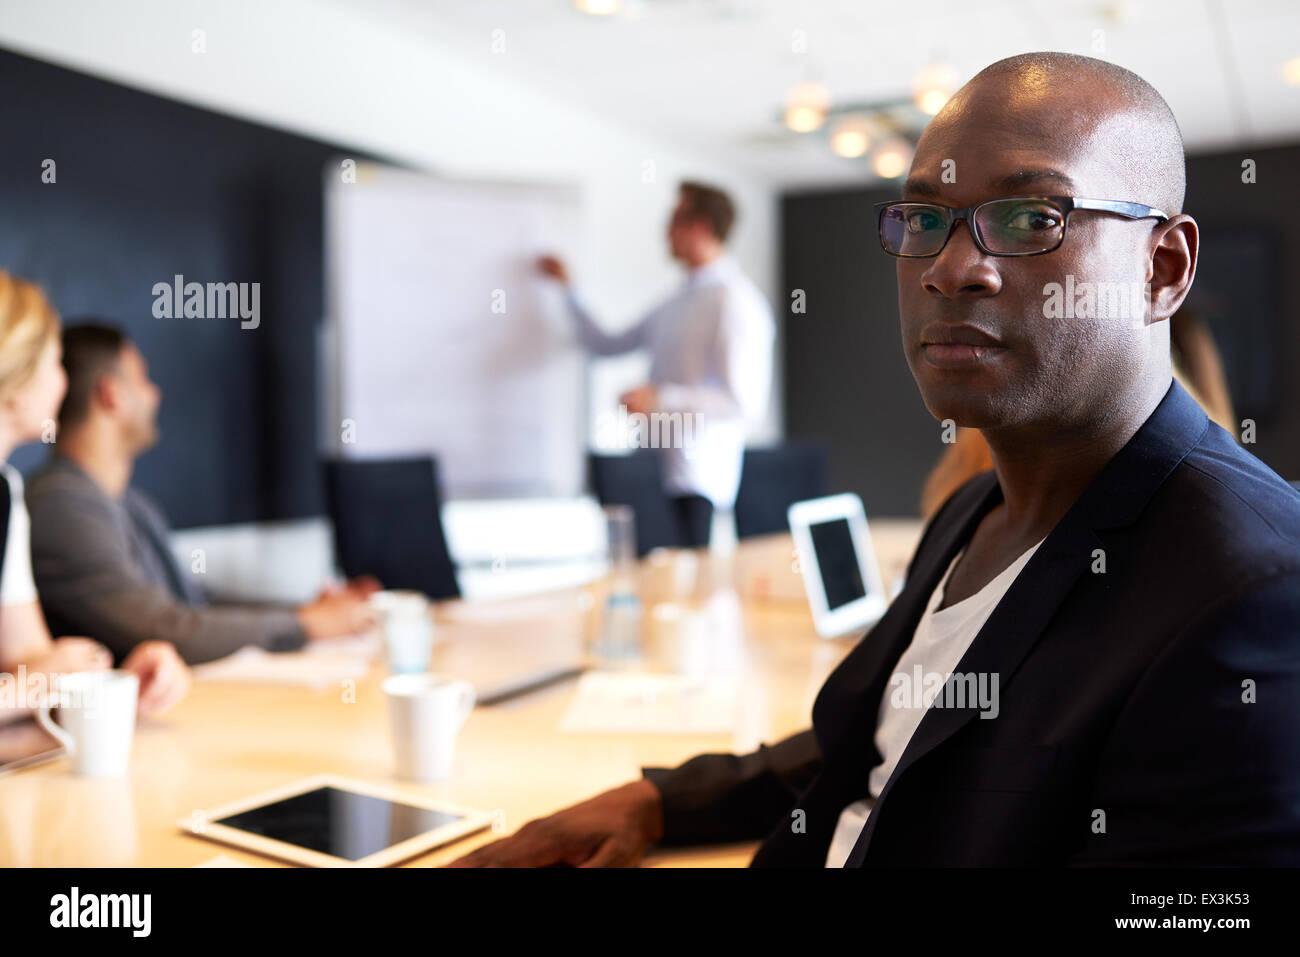 Schwarzen männlichen executive gerichtete Kamera mit einem ernsten Ausdruck während der Sitzung Stockbild